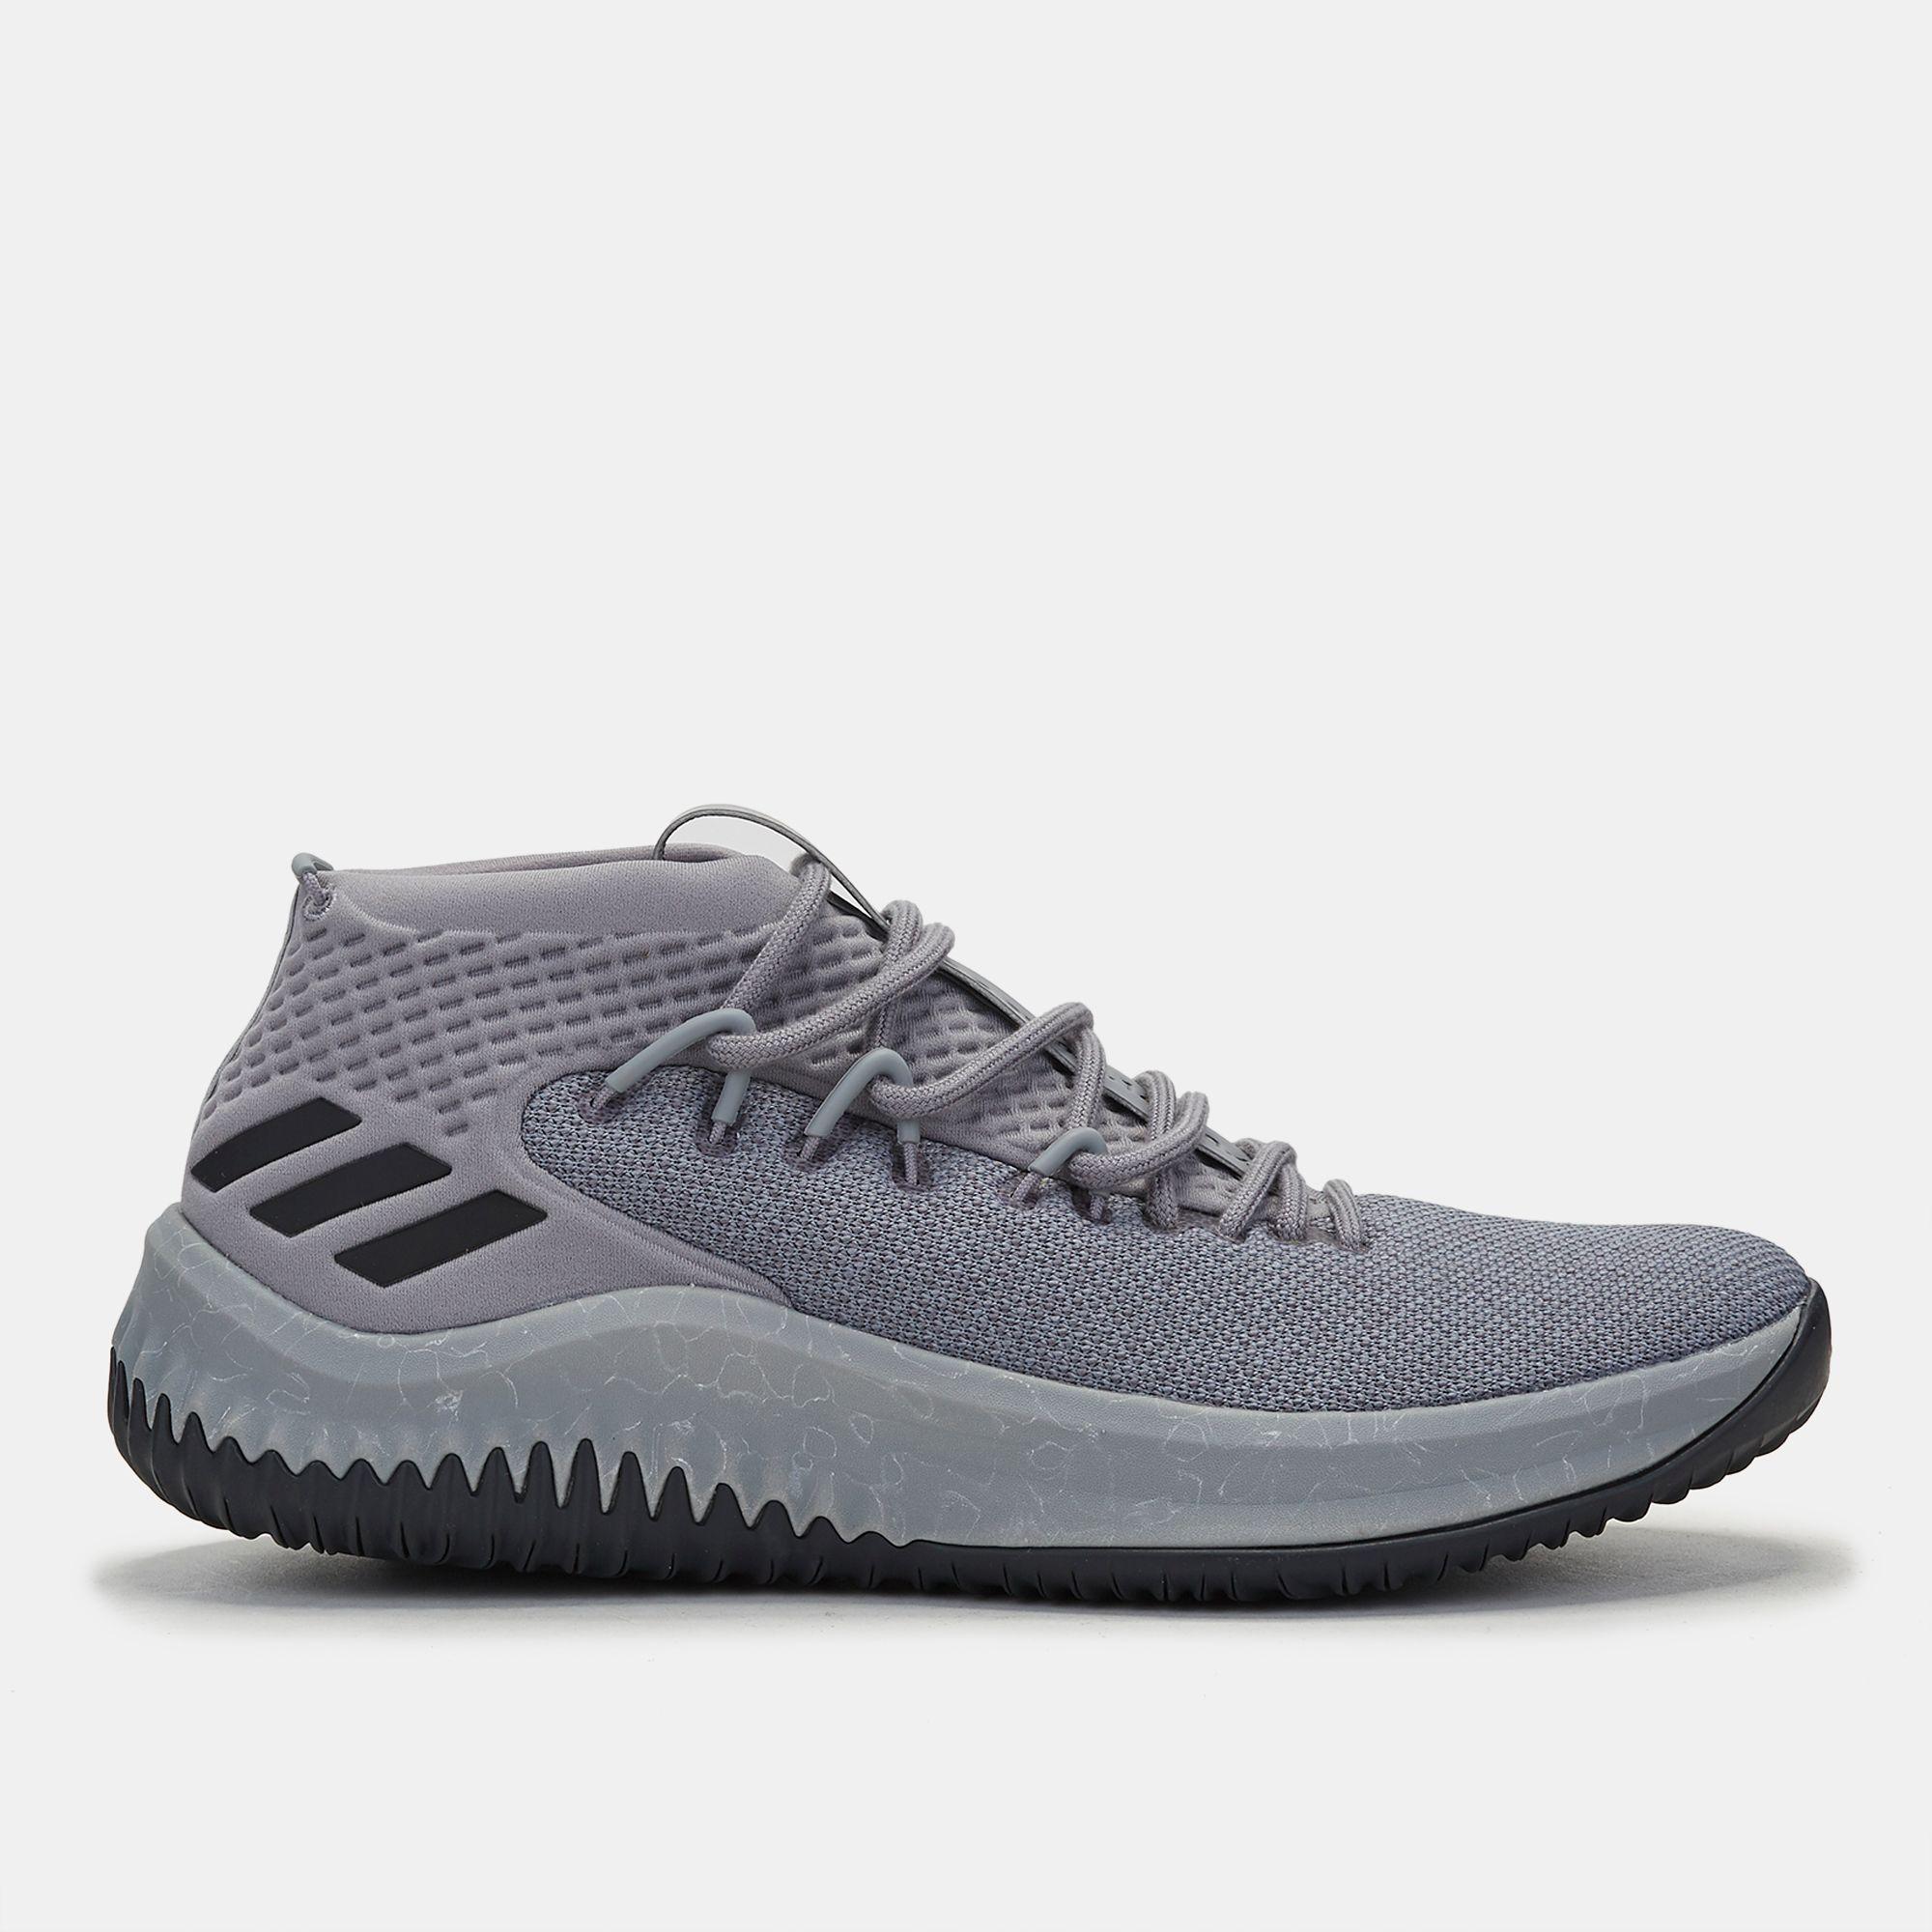 negozio grey adidas dame 4 tempi pazzi ii scarpa per gli uomini da adidas sss